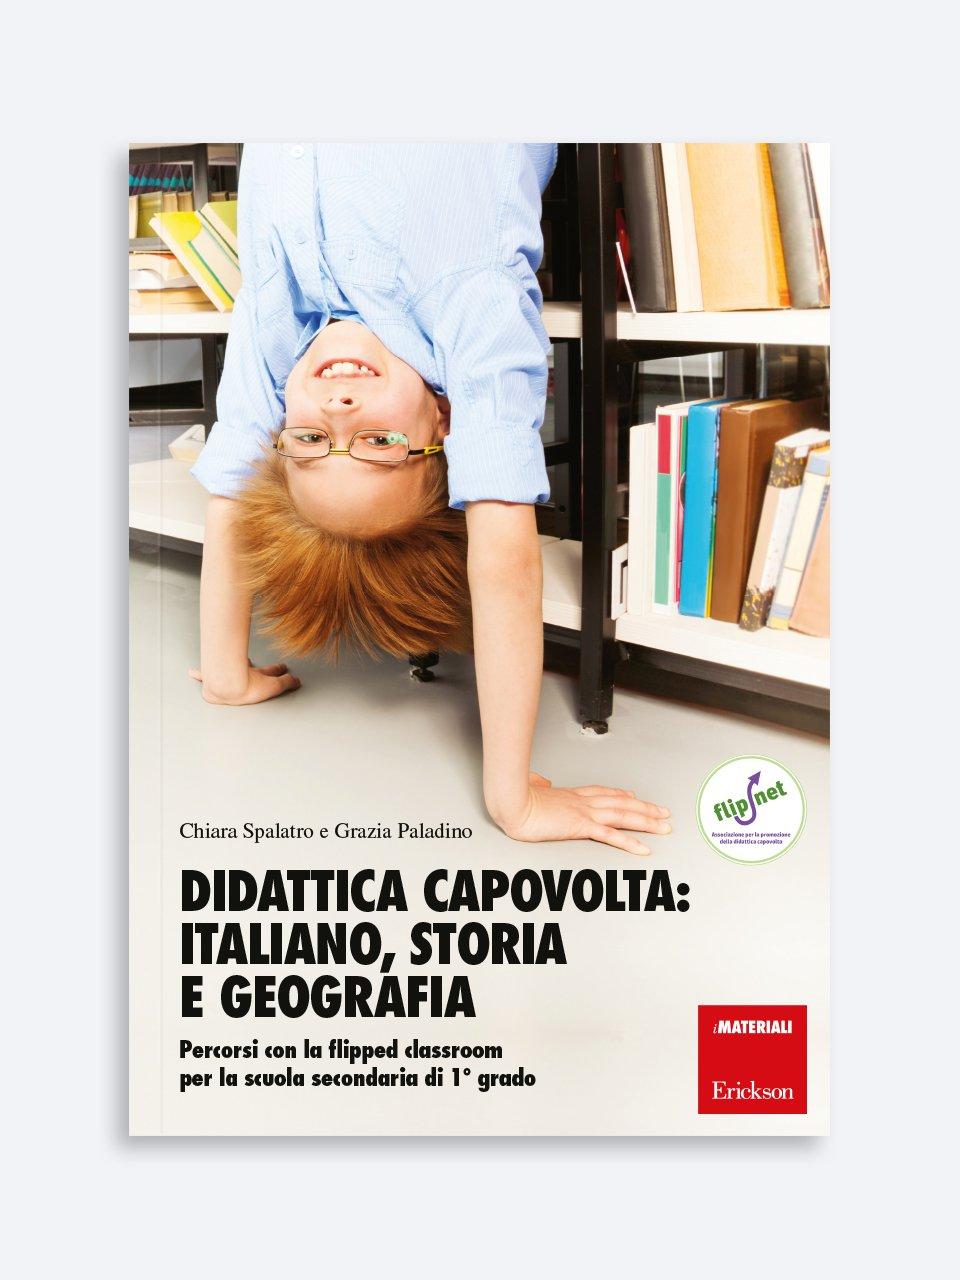 Didattica capovolta: italiano, storia e geografia - 99 idee per fare esercizi in classe - Libri - Erickson